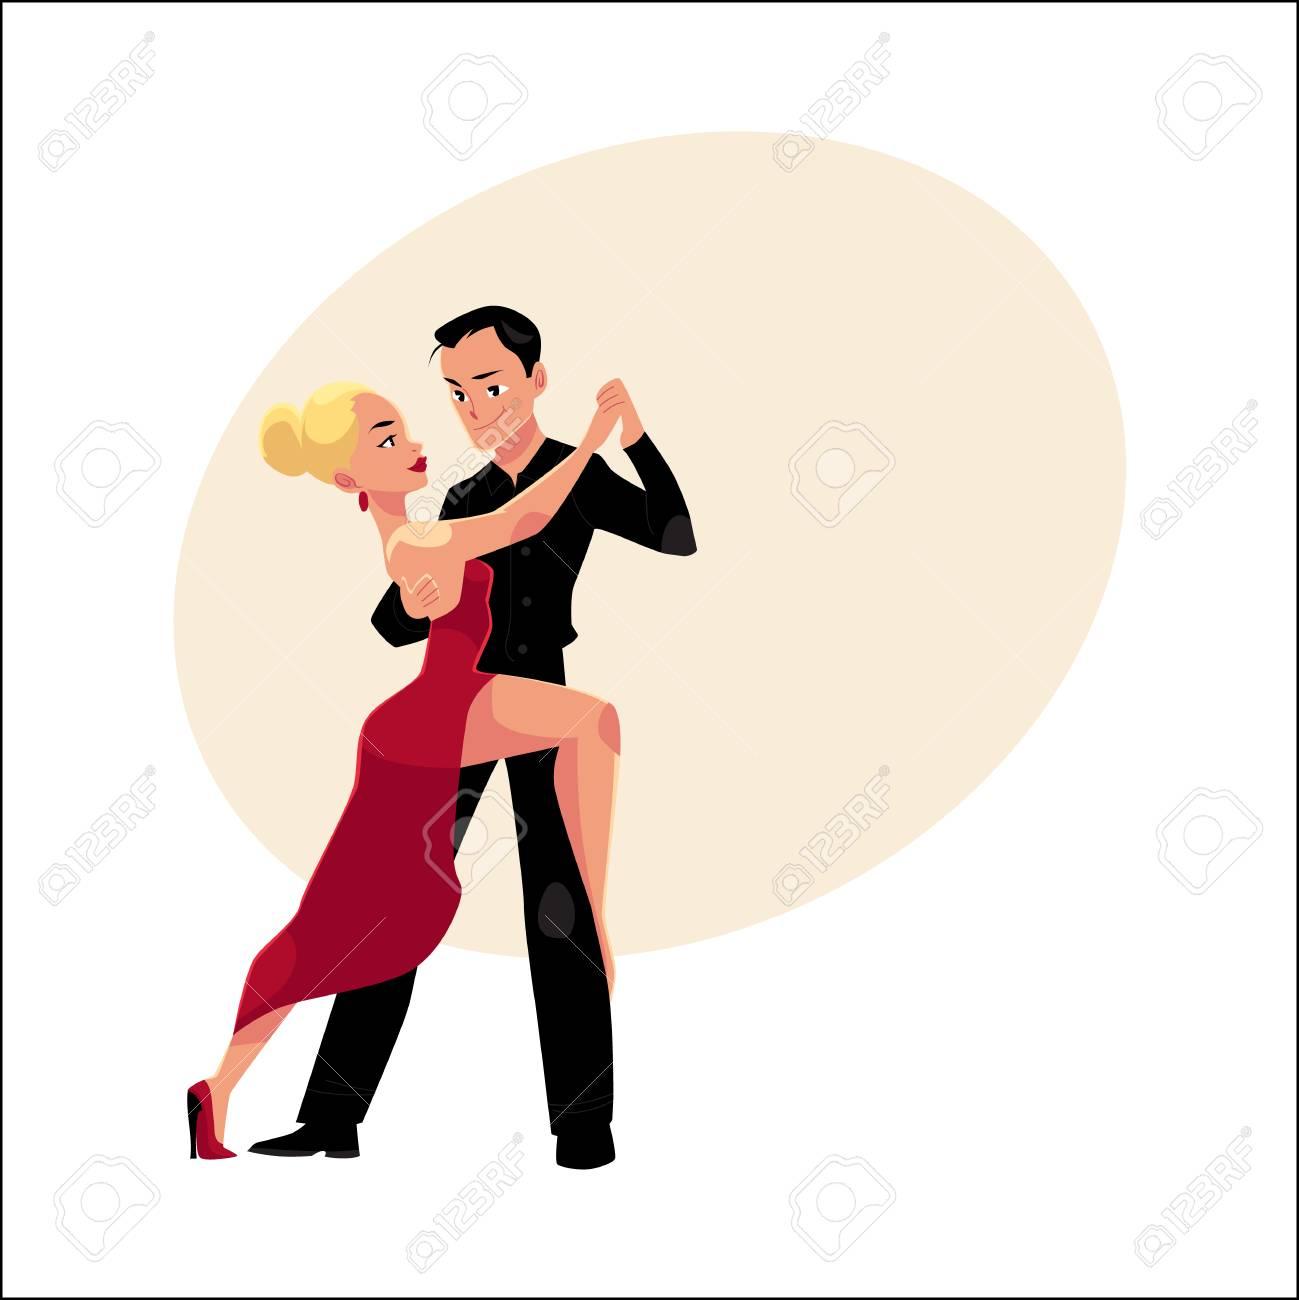 Foto De Archivo Parejas De Bailarines Profesionales Bailando Tango Mirando El Uno Al Otro Ilustracion Vectorial De Dibujos Animados Con Espacio Para